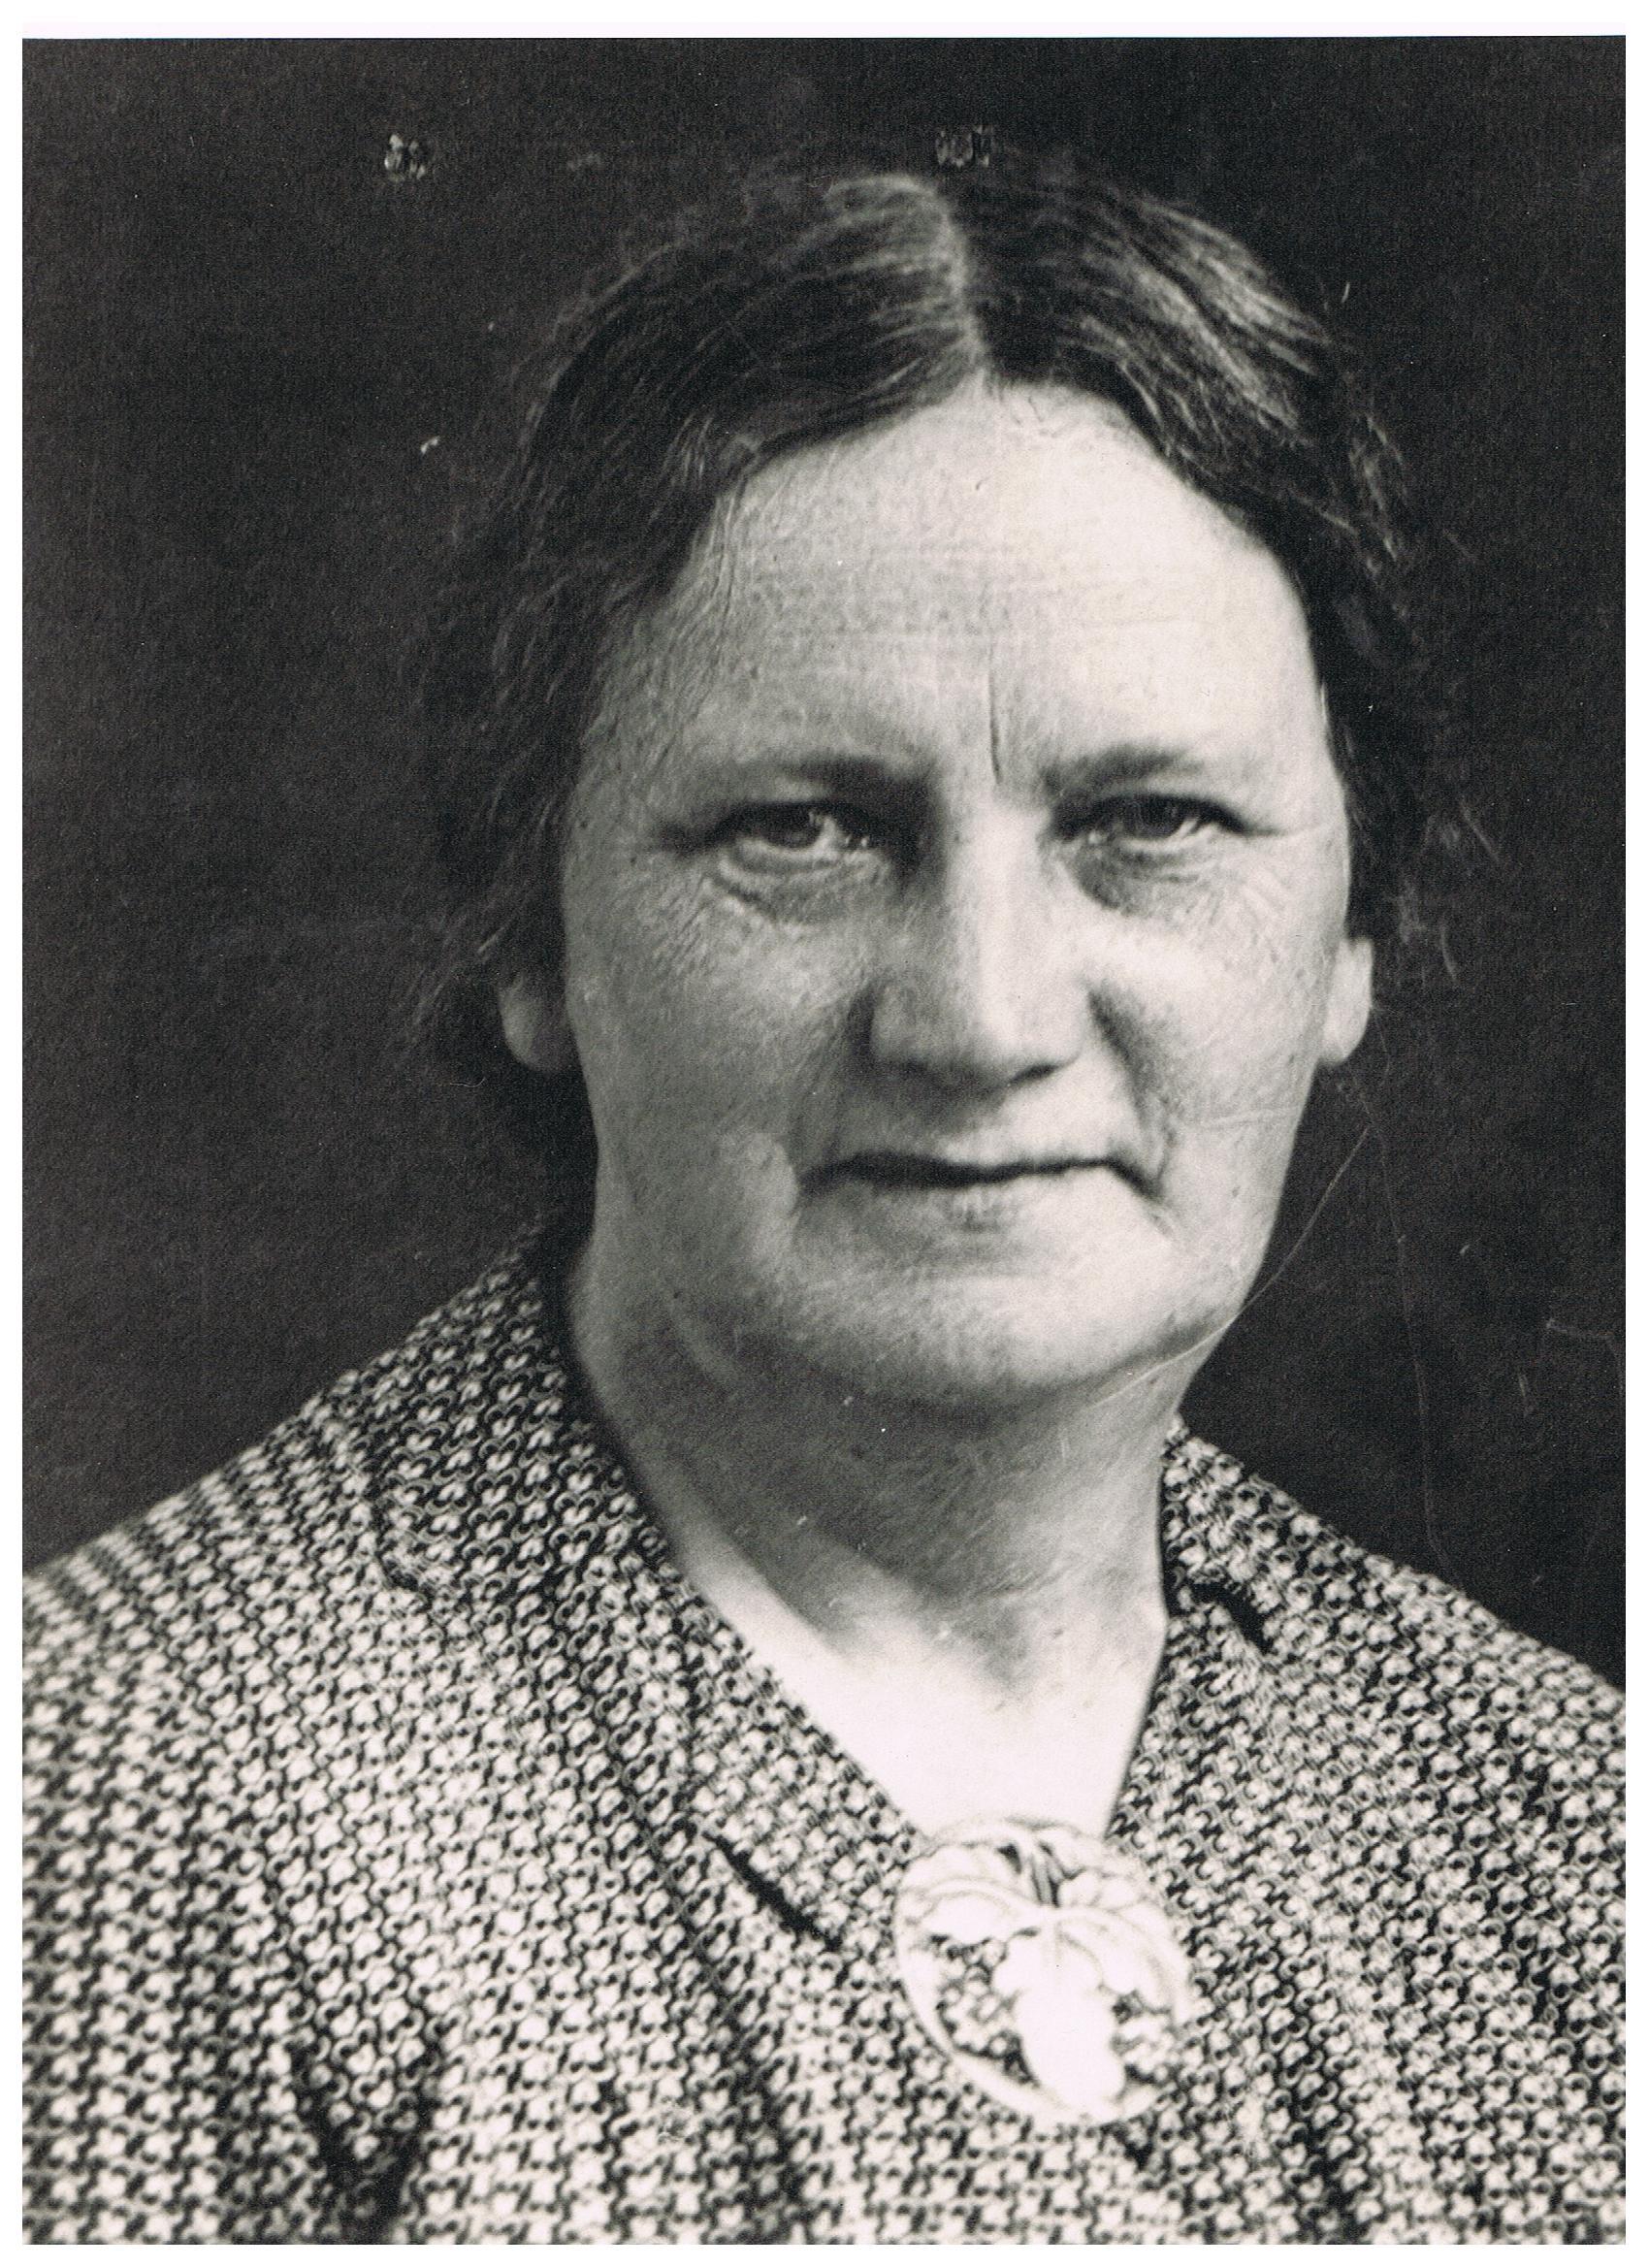 Mormor Karen Knudsen